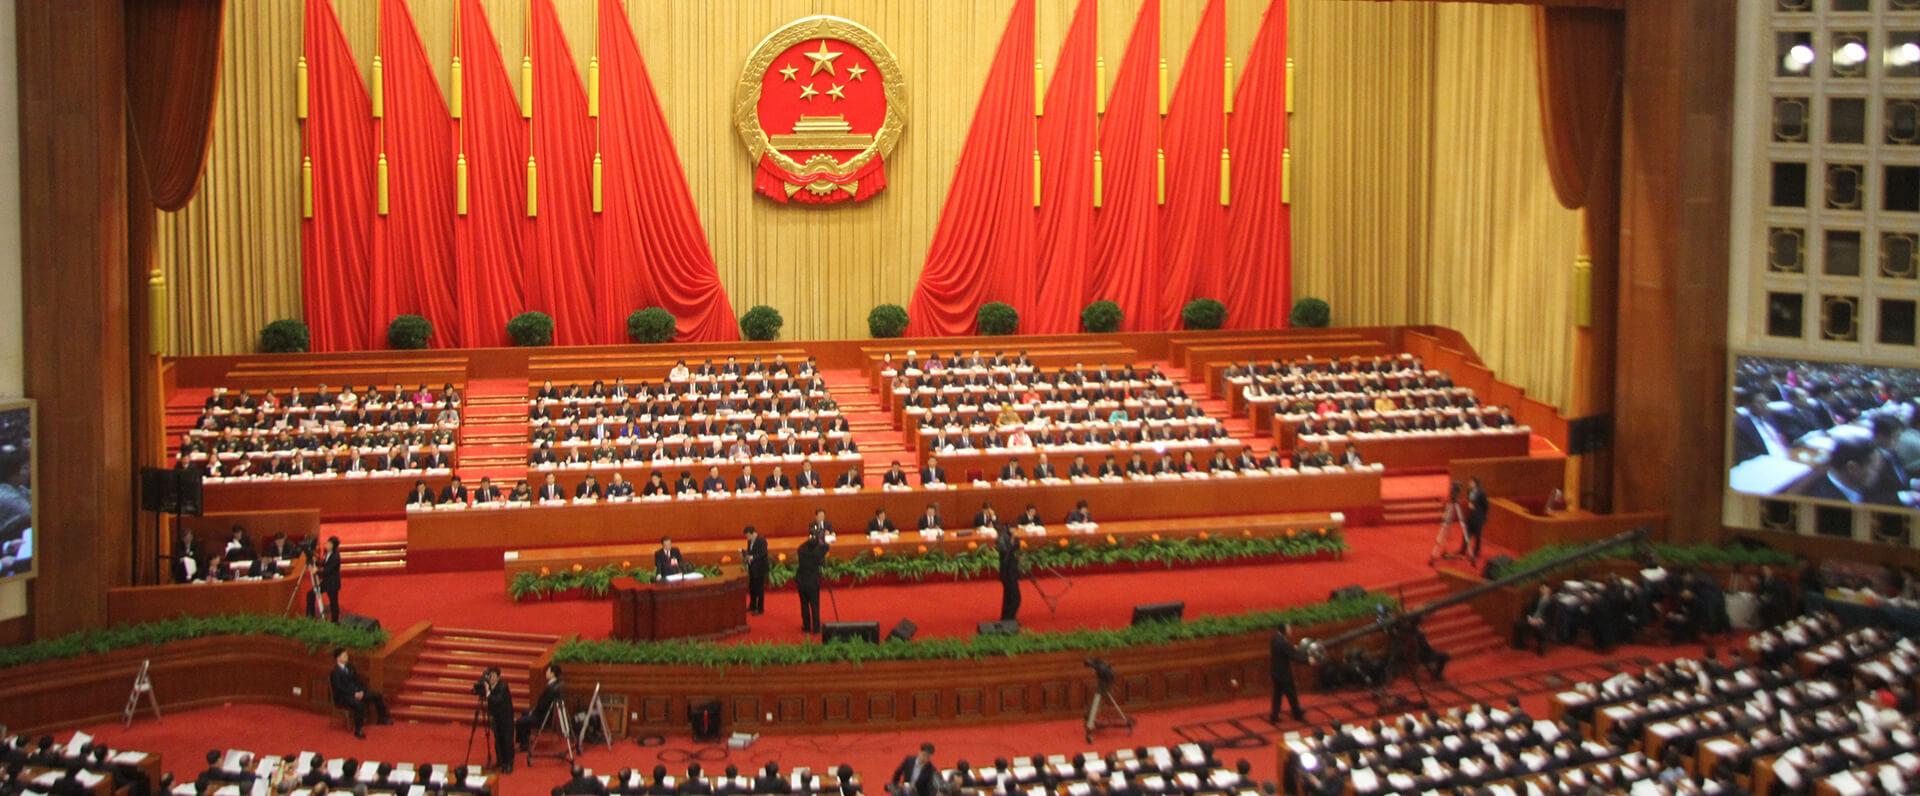 Wer regiert China? Mandarine, Staatsbeamte, Technokraten